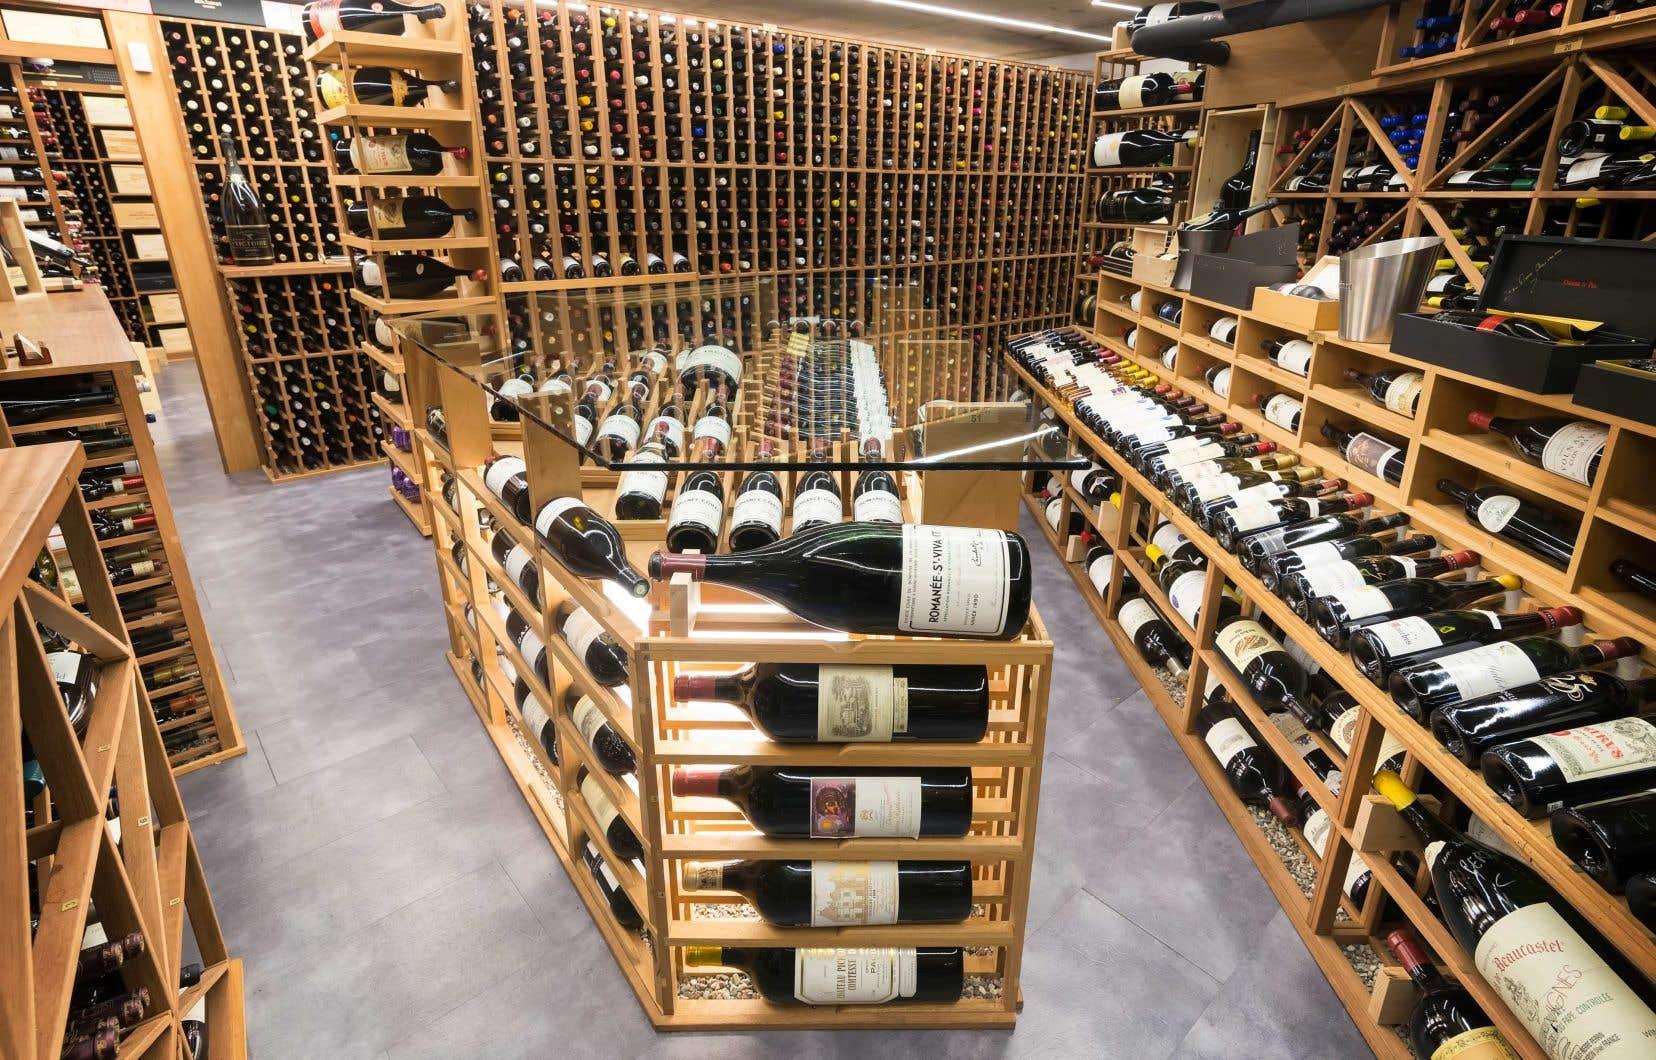 La cave du bistro Le Coureur des bois, à Belœil, contient 14 000 bouteilles soigneusement sélectionnées, dont de nombreux vins bios et nature.